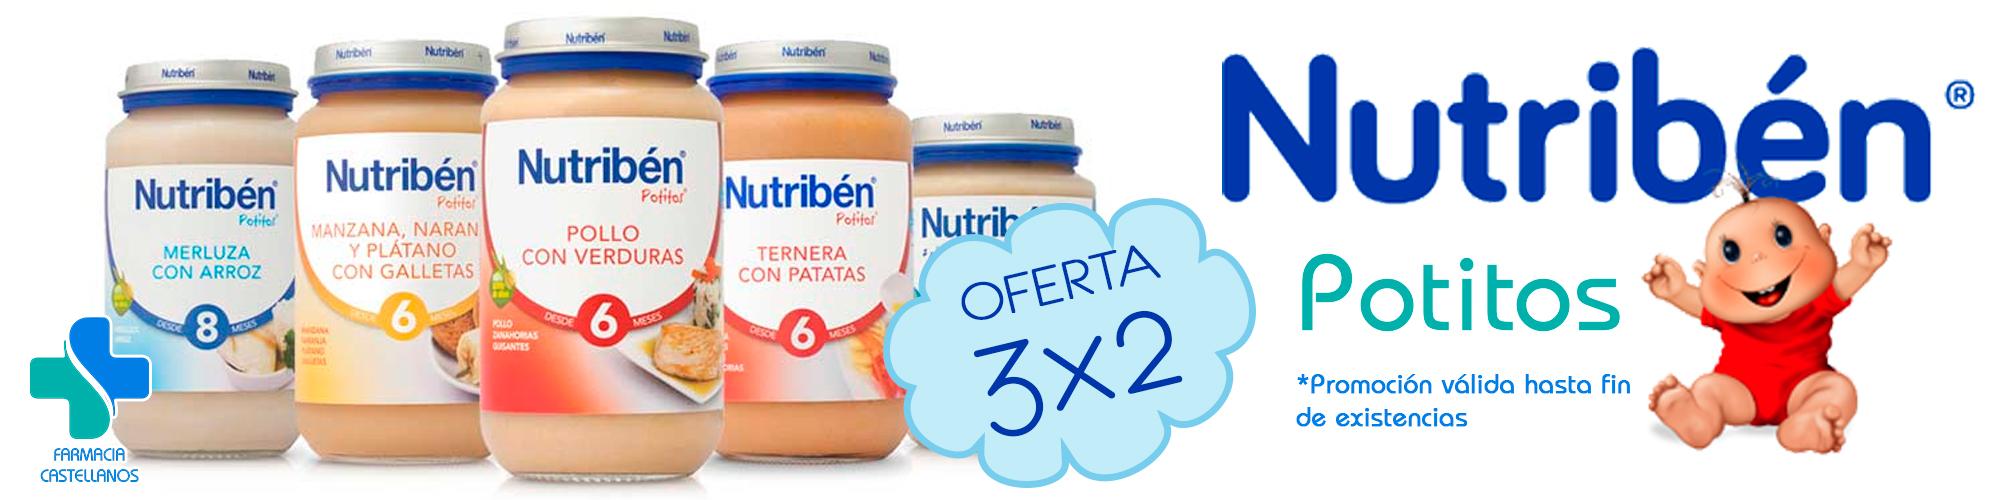 promocion-potitos-nutriben-farmaciabeatrizcastellanos